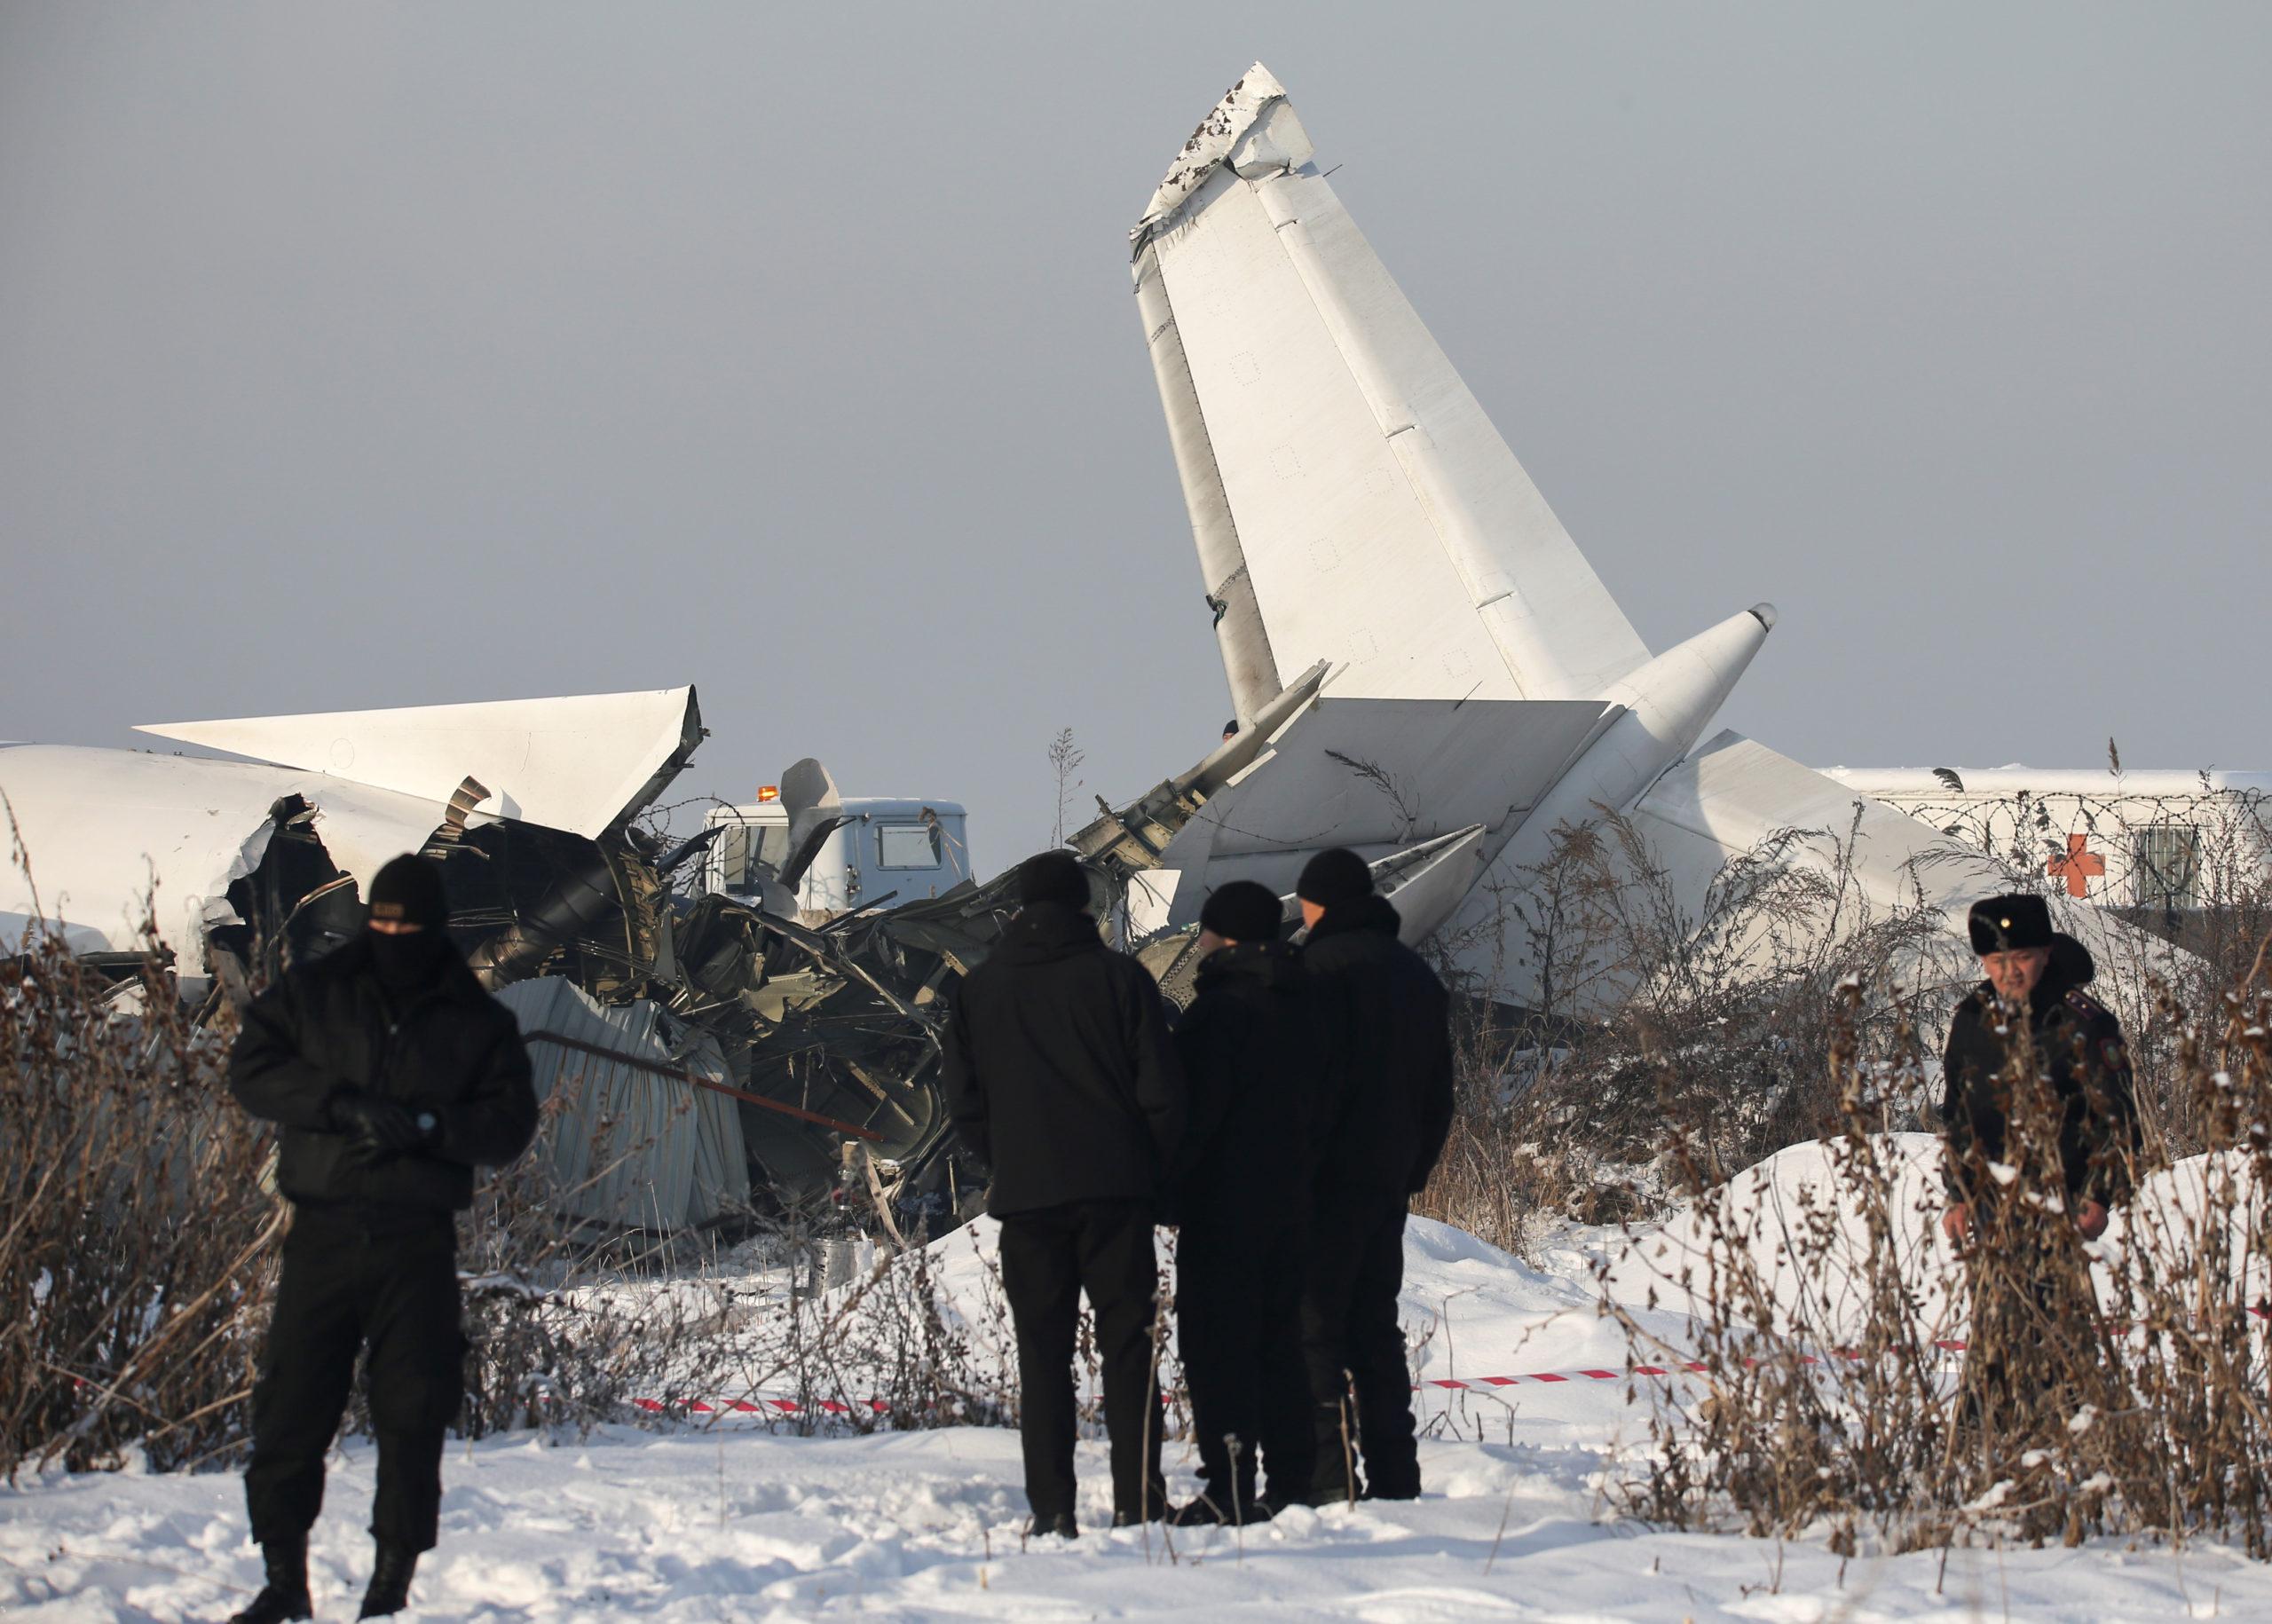 Le crash d'un avion de la compagnie Bek Air près de la métropole commerciale d'Almaty au Kazakhstan a fait au moins 15 morts, ont annoncé les autorités.